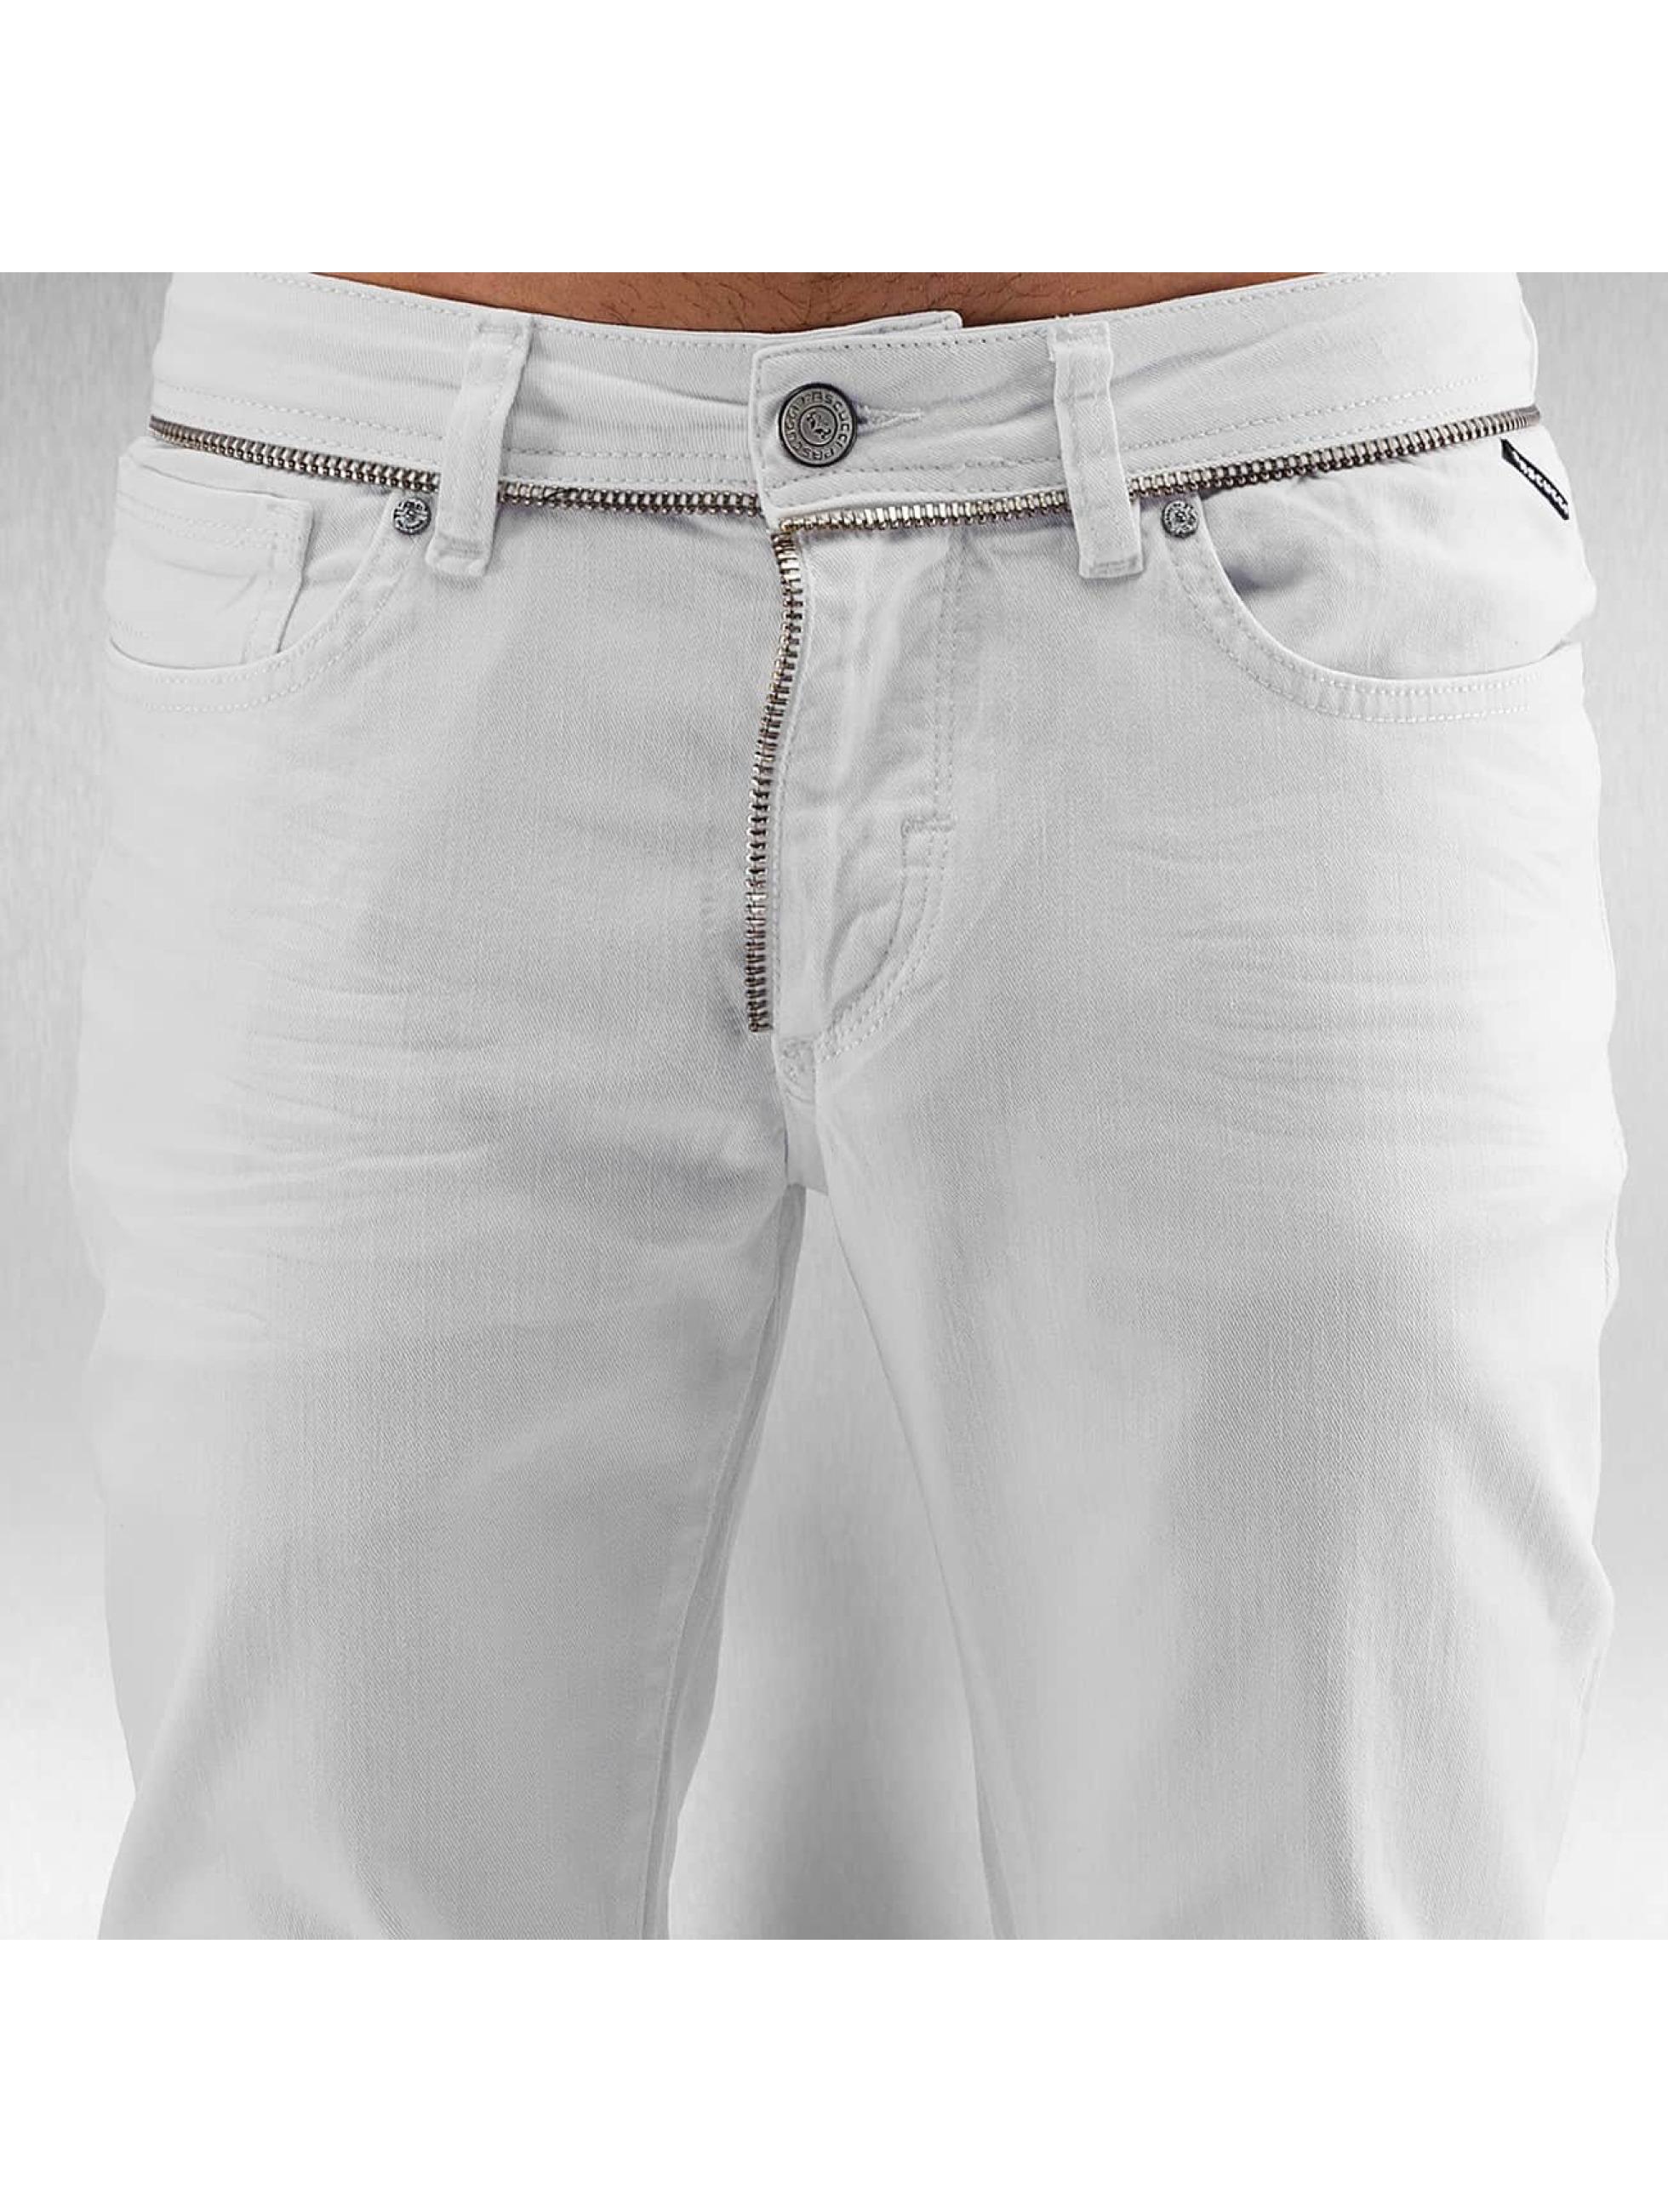 Pascucci Облегающие джинсы Hash белый